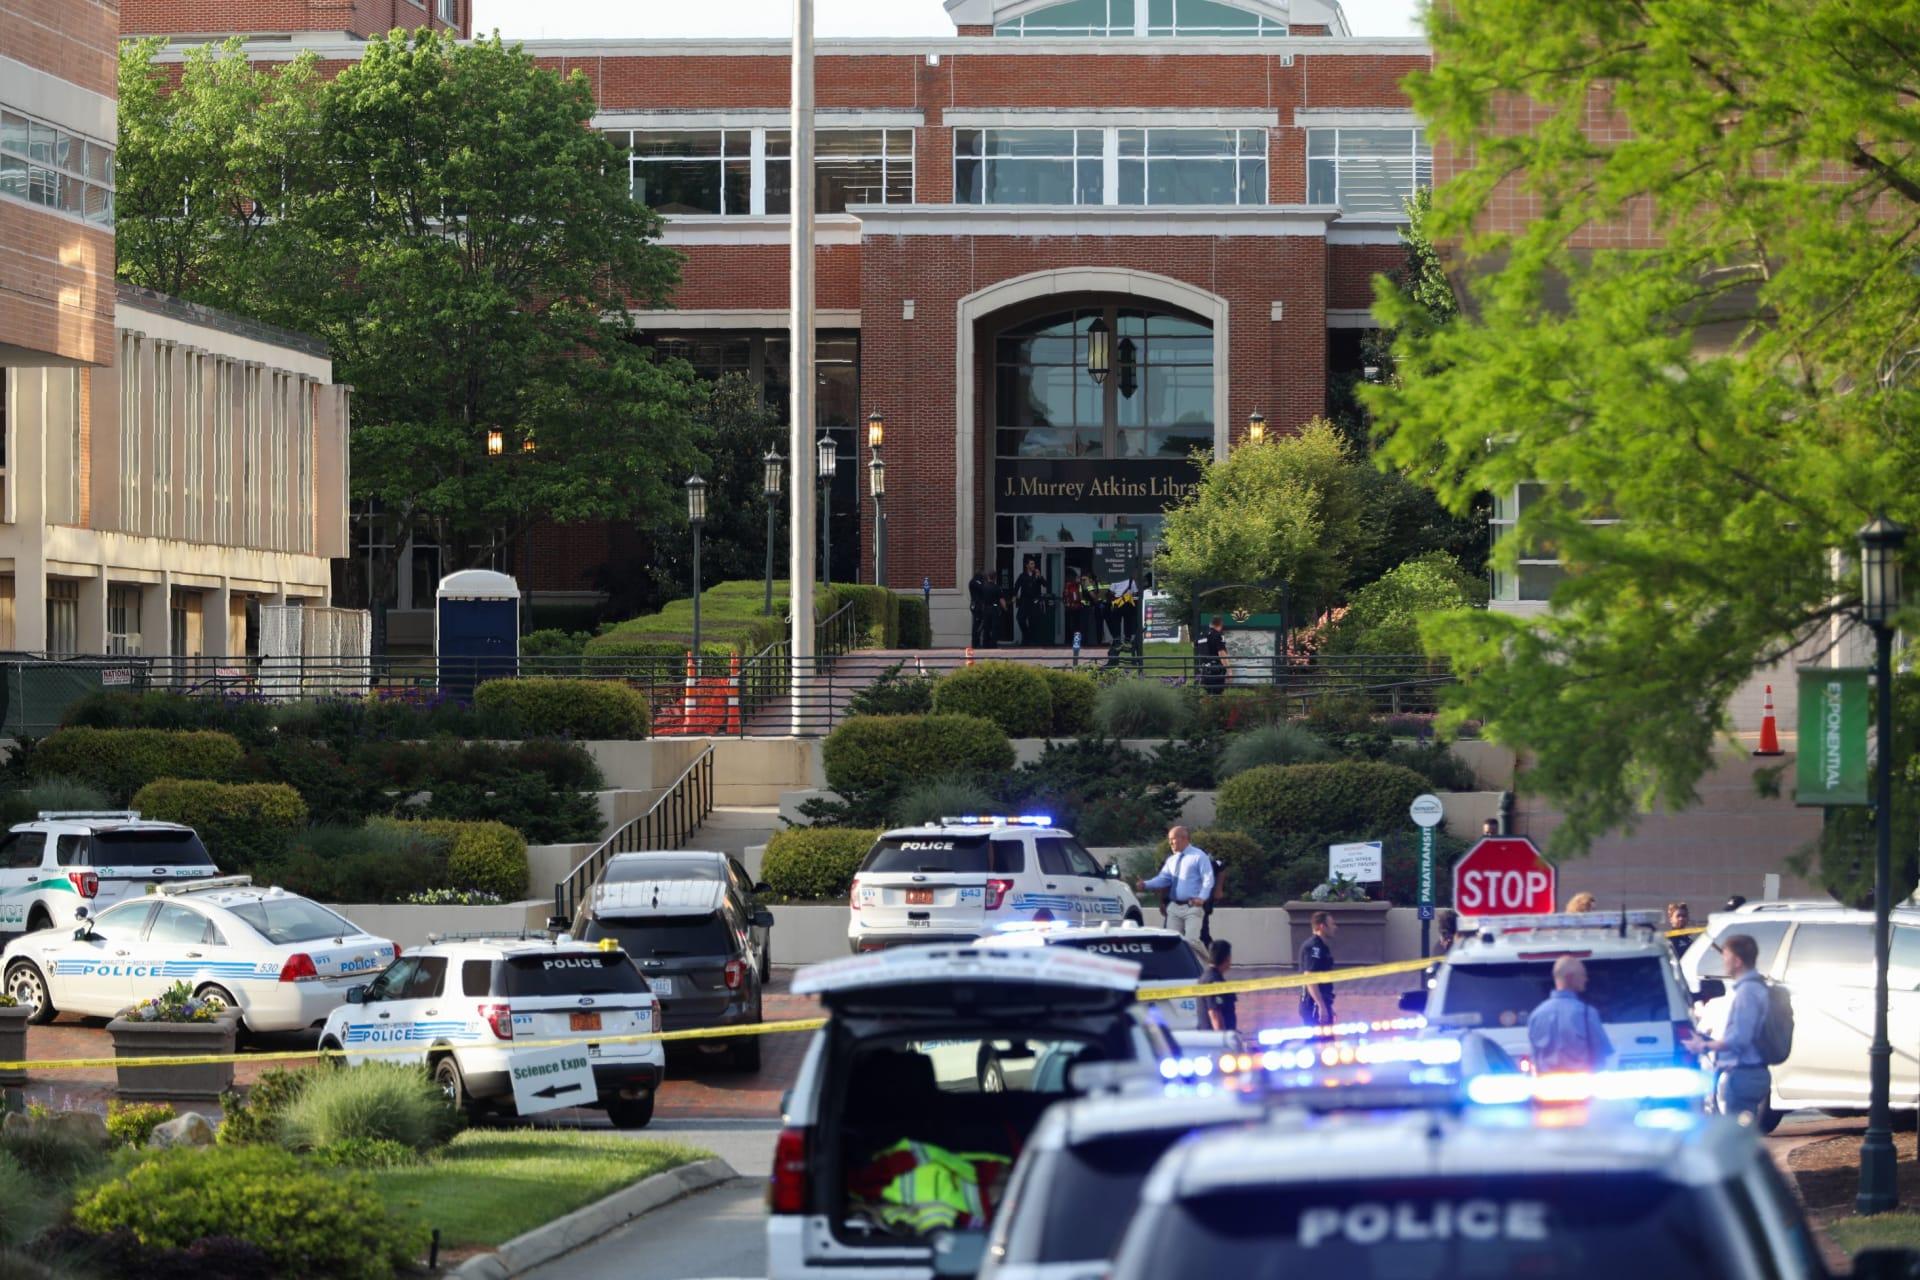 سفارة السعودية بأمريكا تُعقب على إصابة الطالب آل رمضان بإطلاق نار في نورث كارولينا